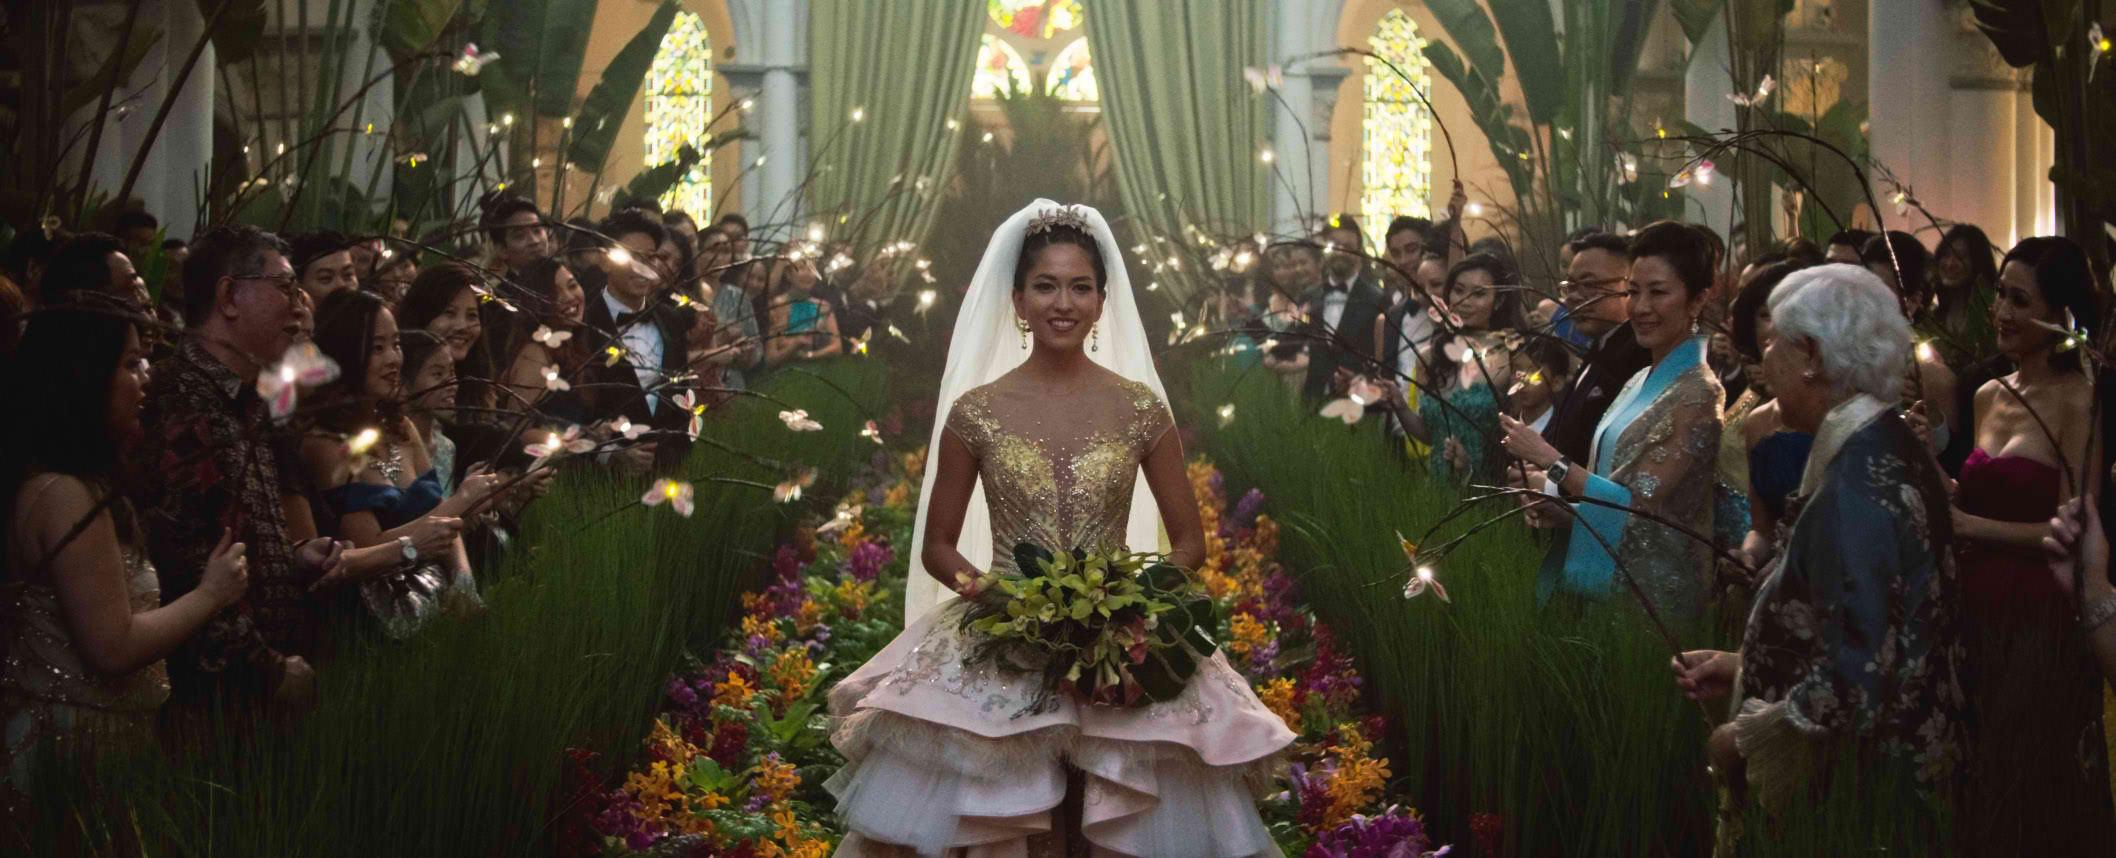 Crazy Rich Asians - Wedding scene